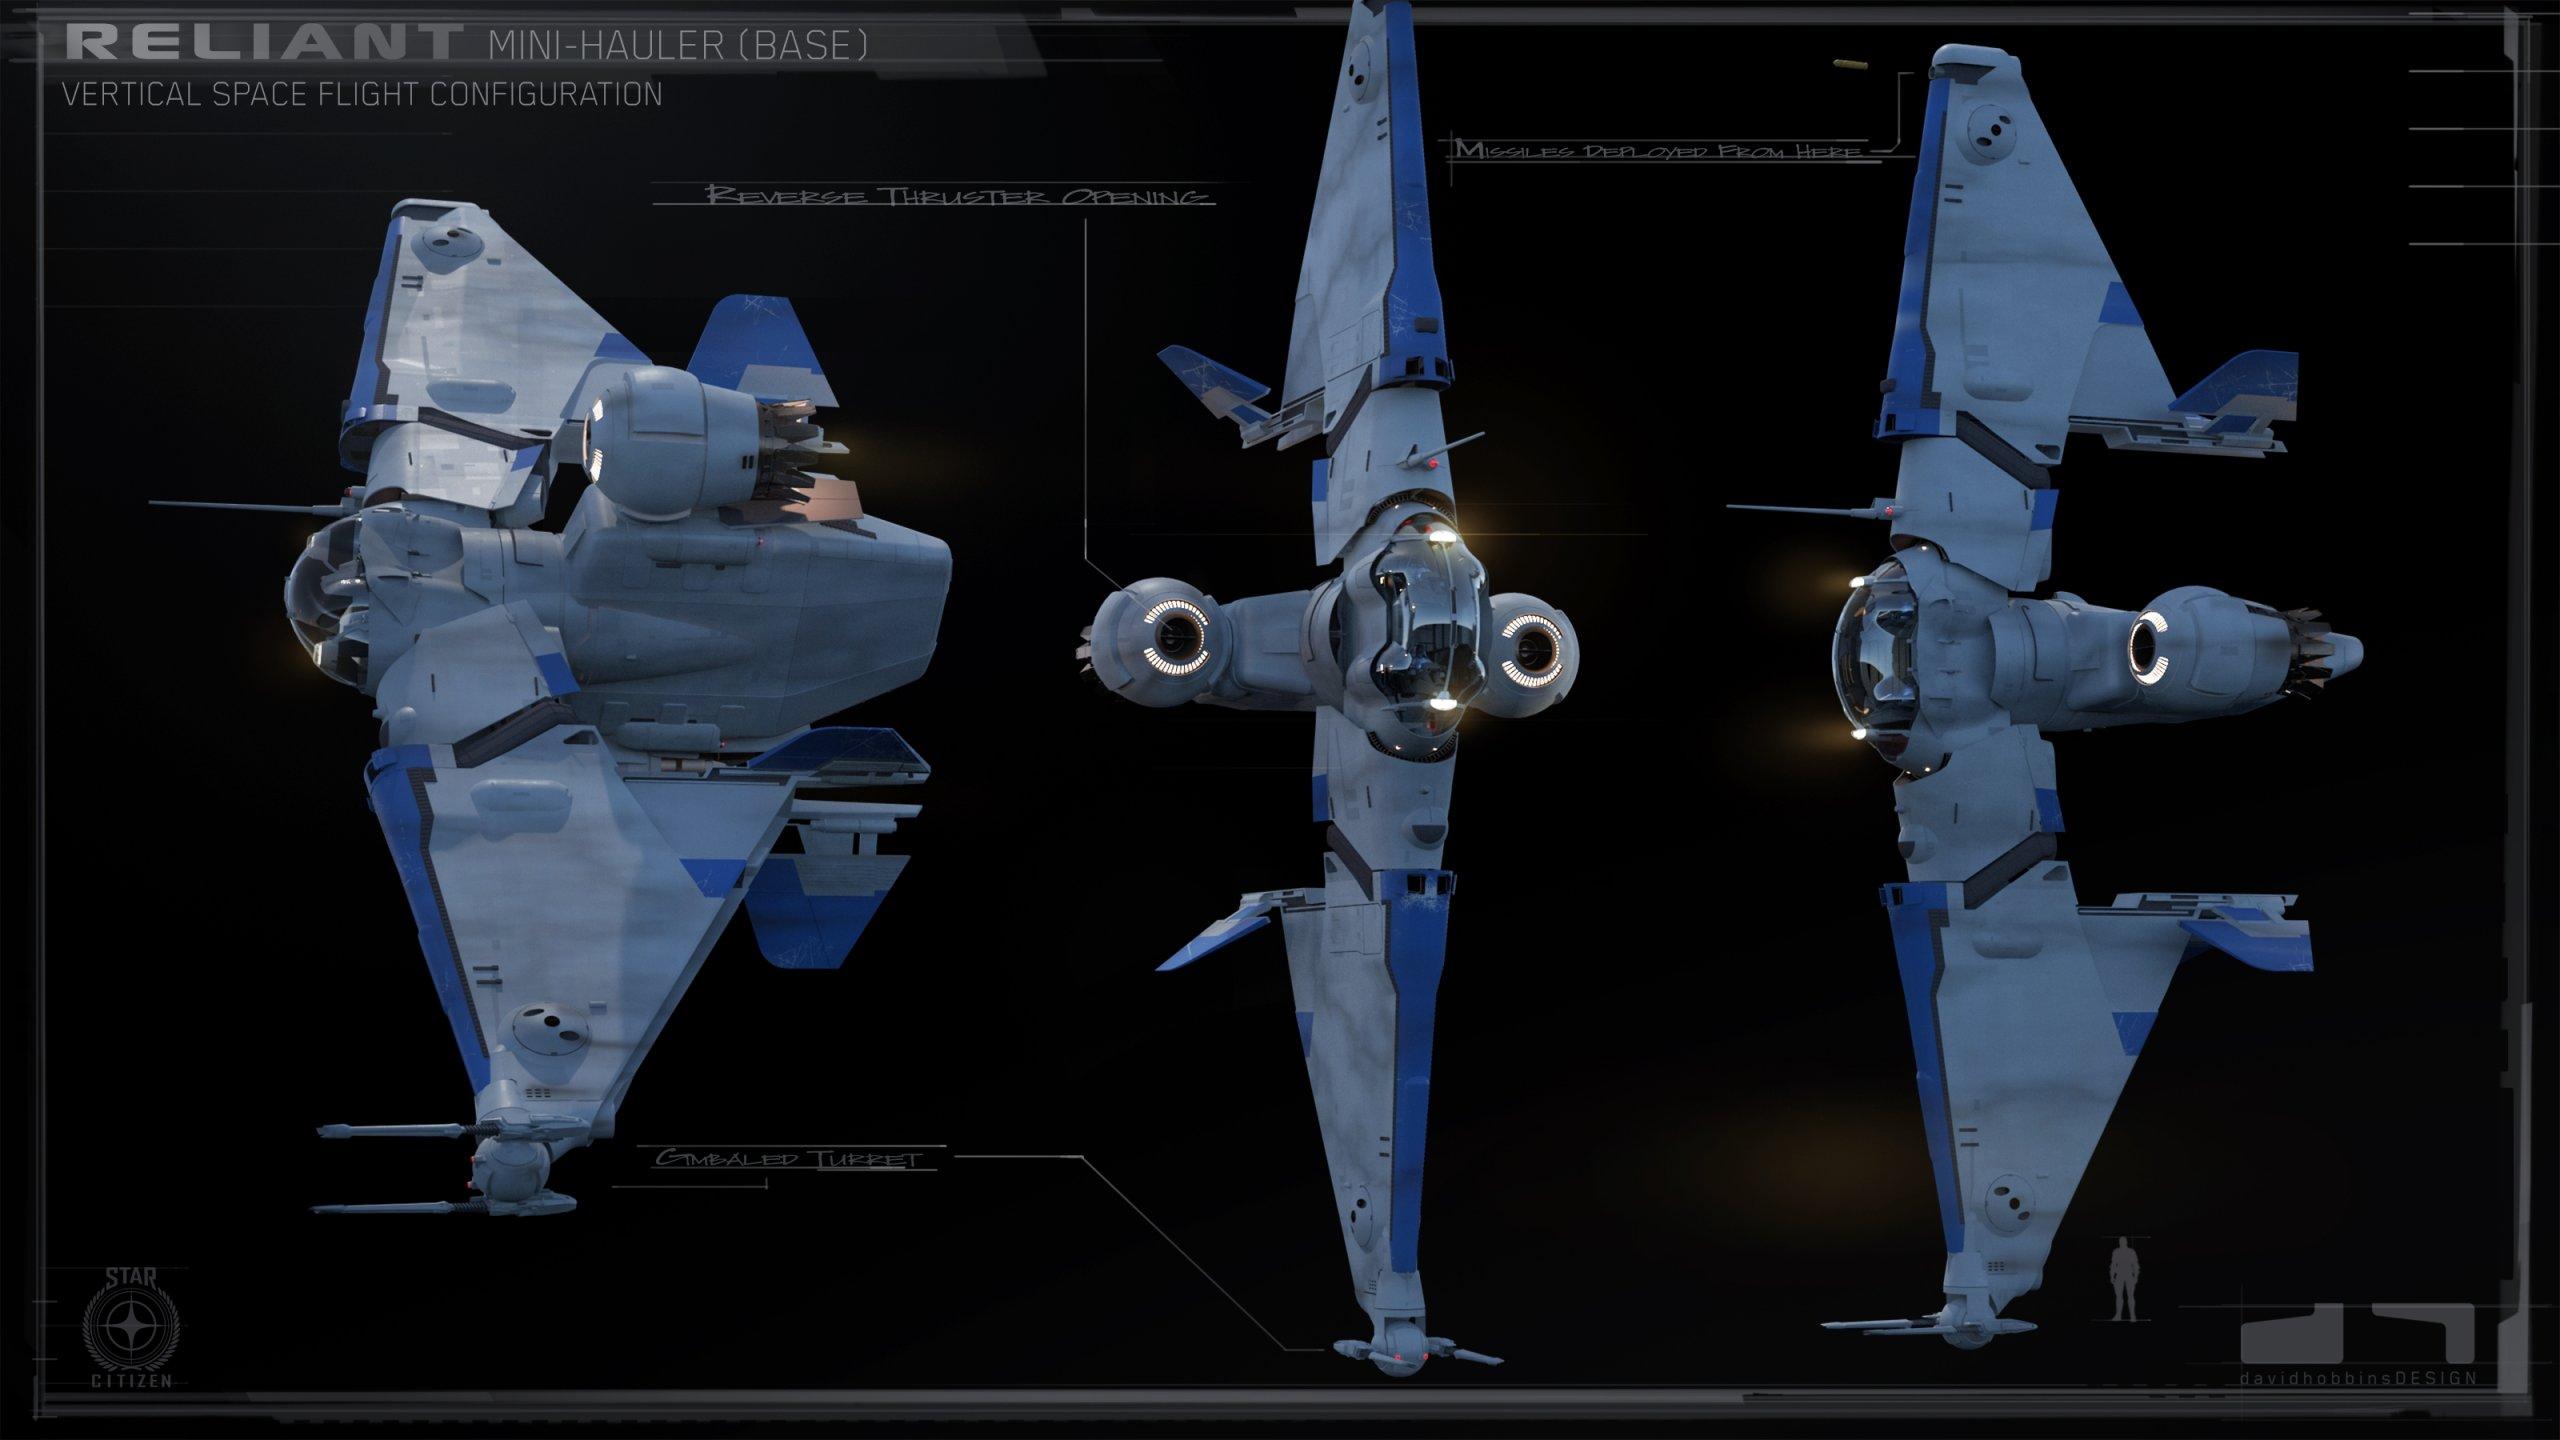 Reliant_SpaceFlightConfig_Updated_Final_Hobbins.jpg